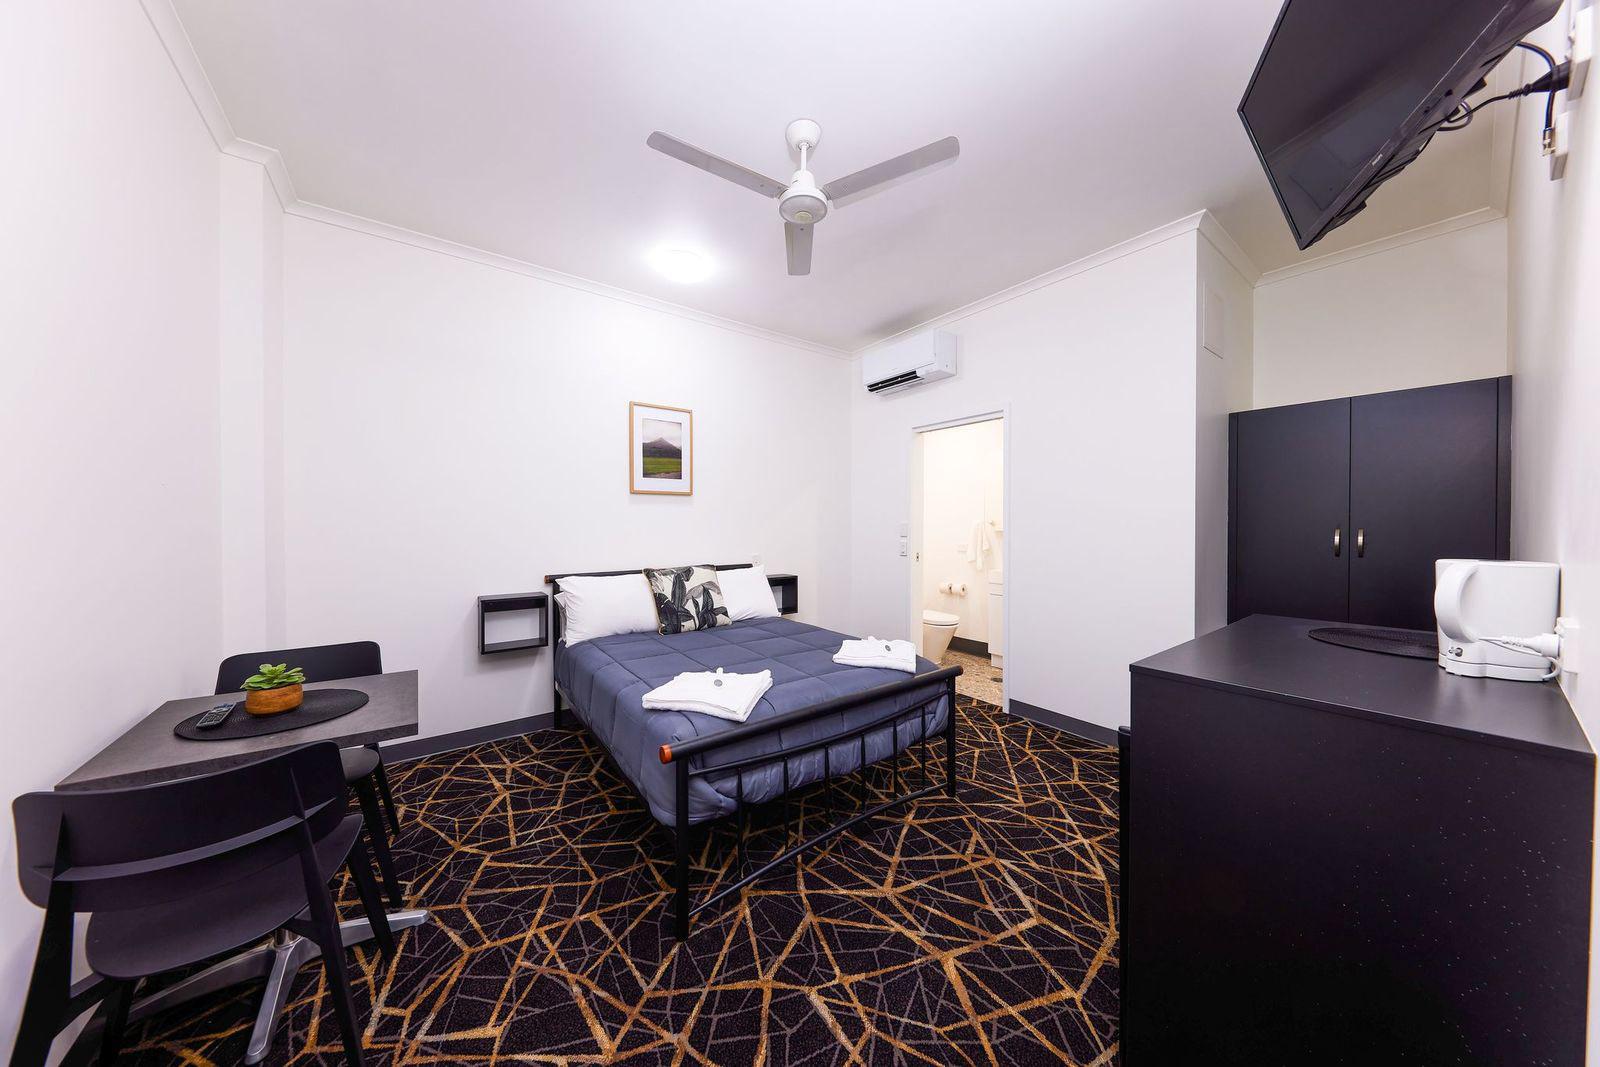 a - Gordonvale Motel